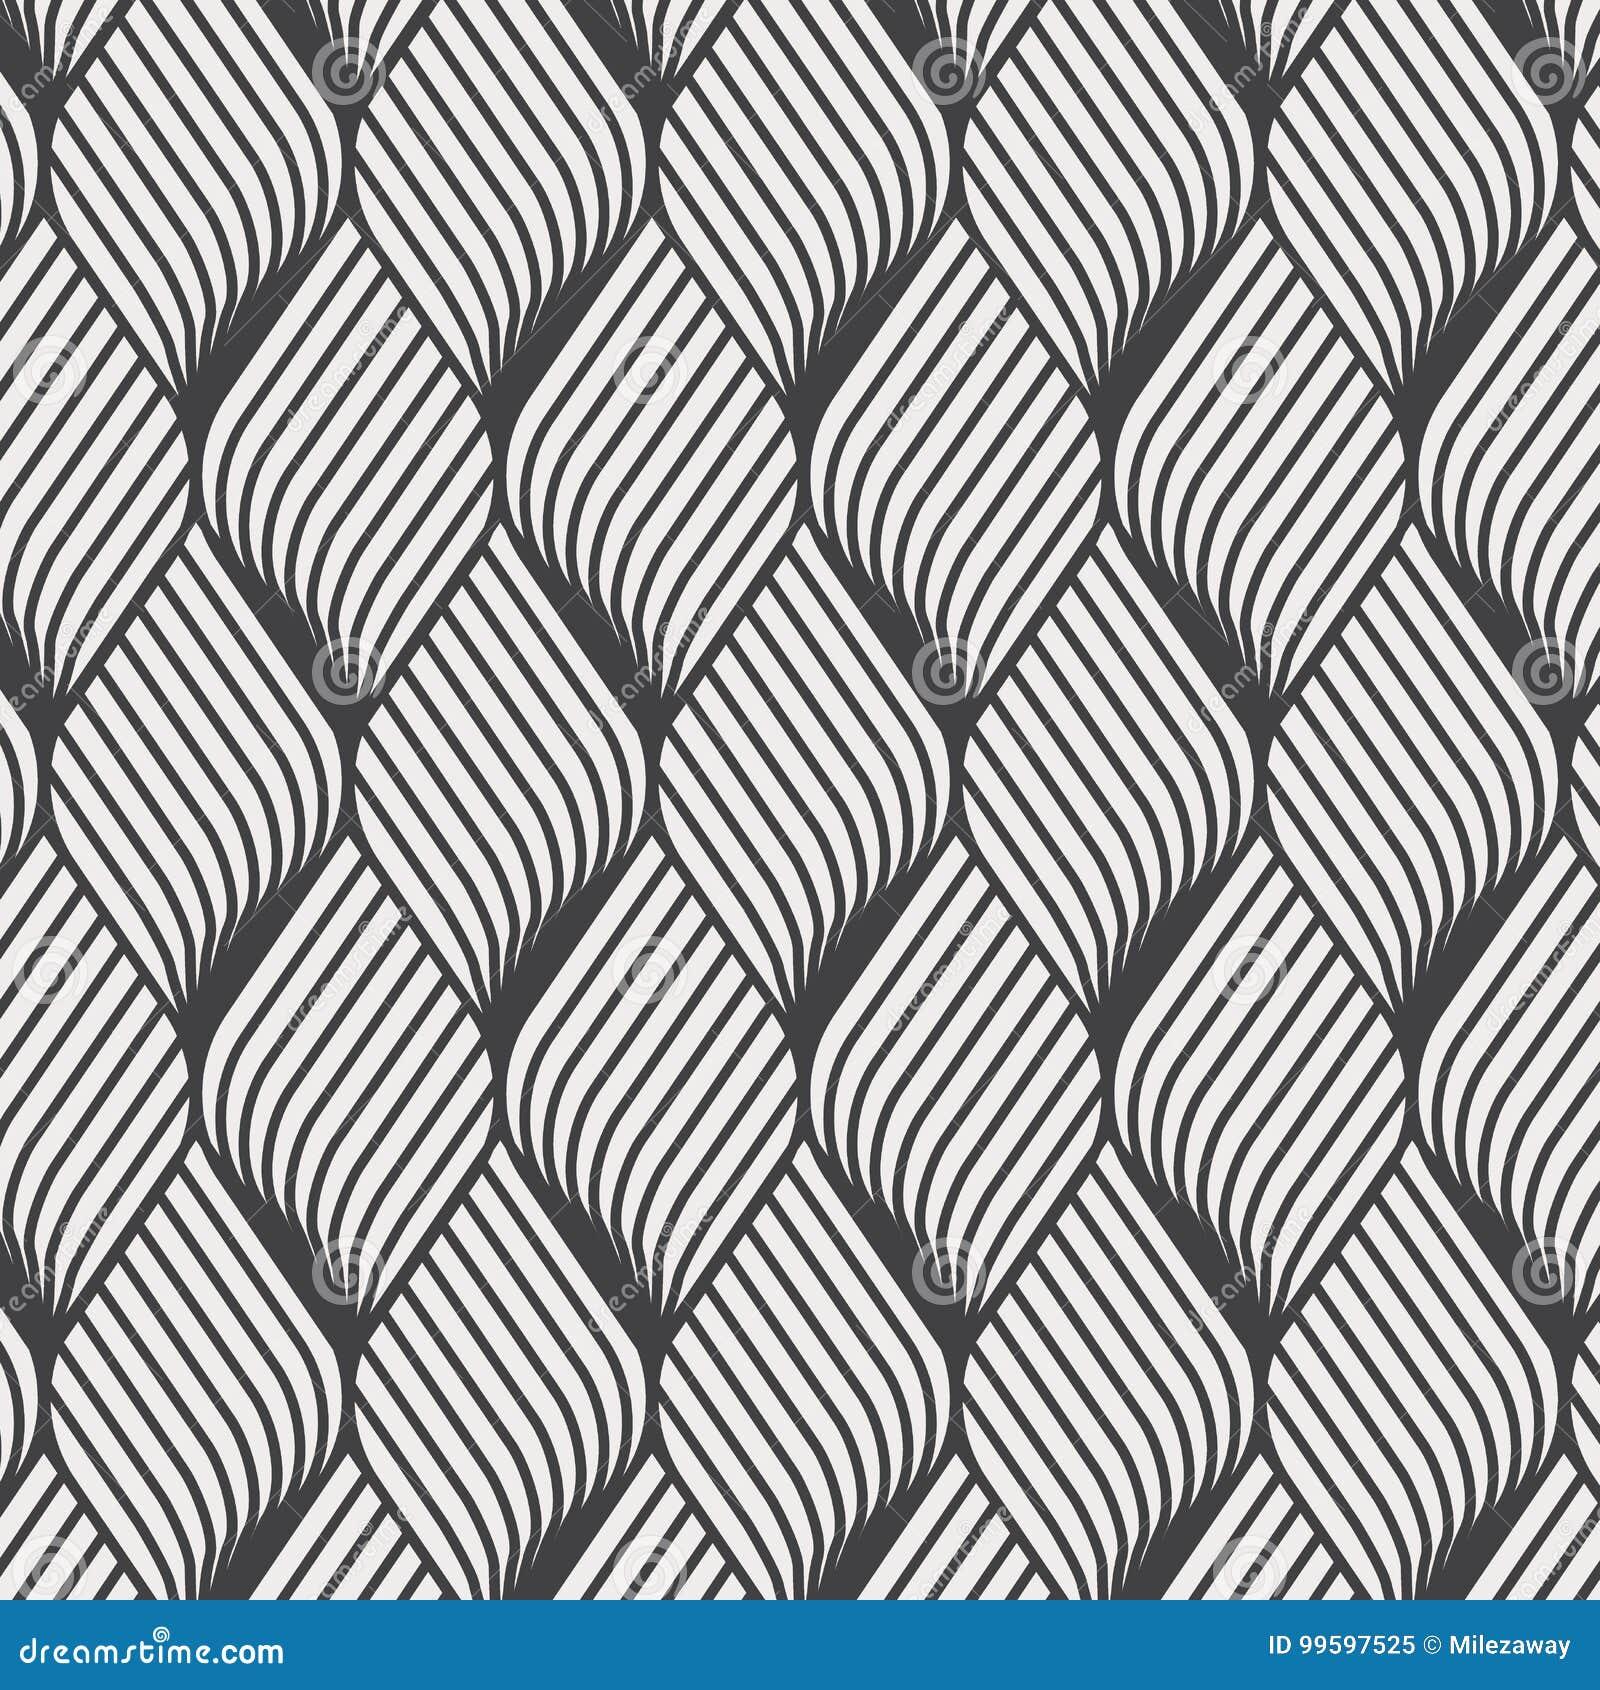 Abstraktes Blumenkräuselungsmuster Wiederholen von Vektorbeschaffenheit Gewellter grafischer Hintergrund Einfache geometrische We